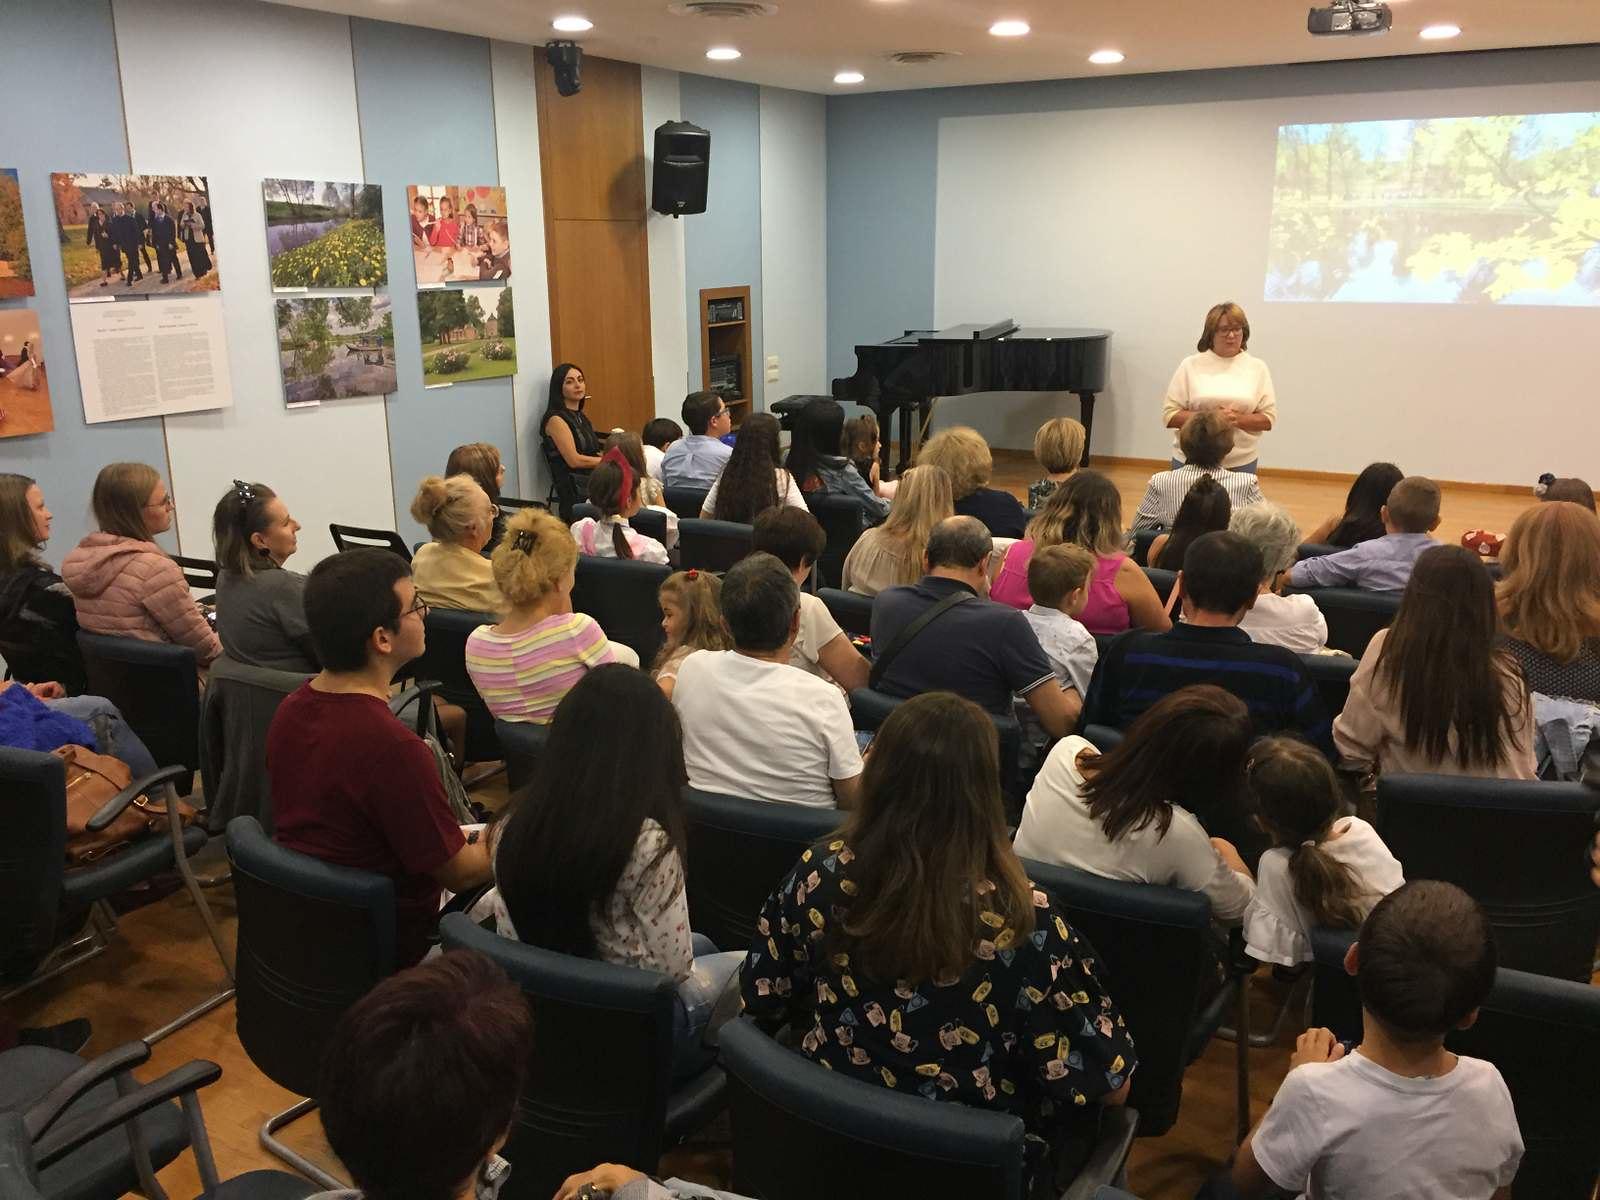 Открытие выставки «Тарханы». XXI век» в Российском центре науки и культуры в Афинах